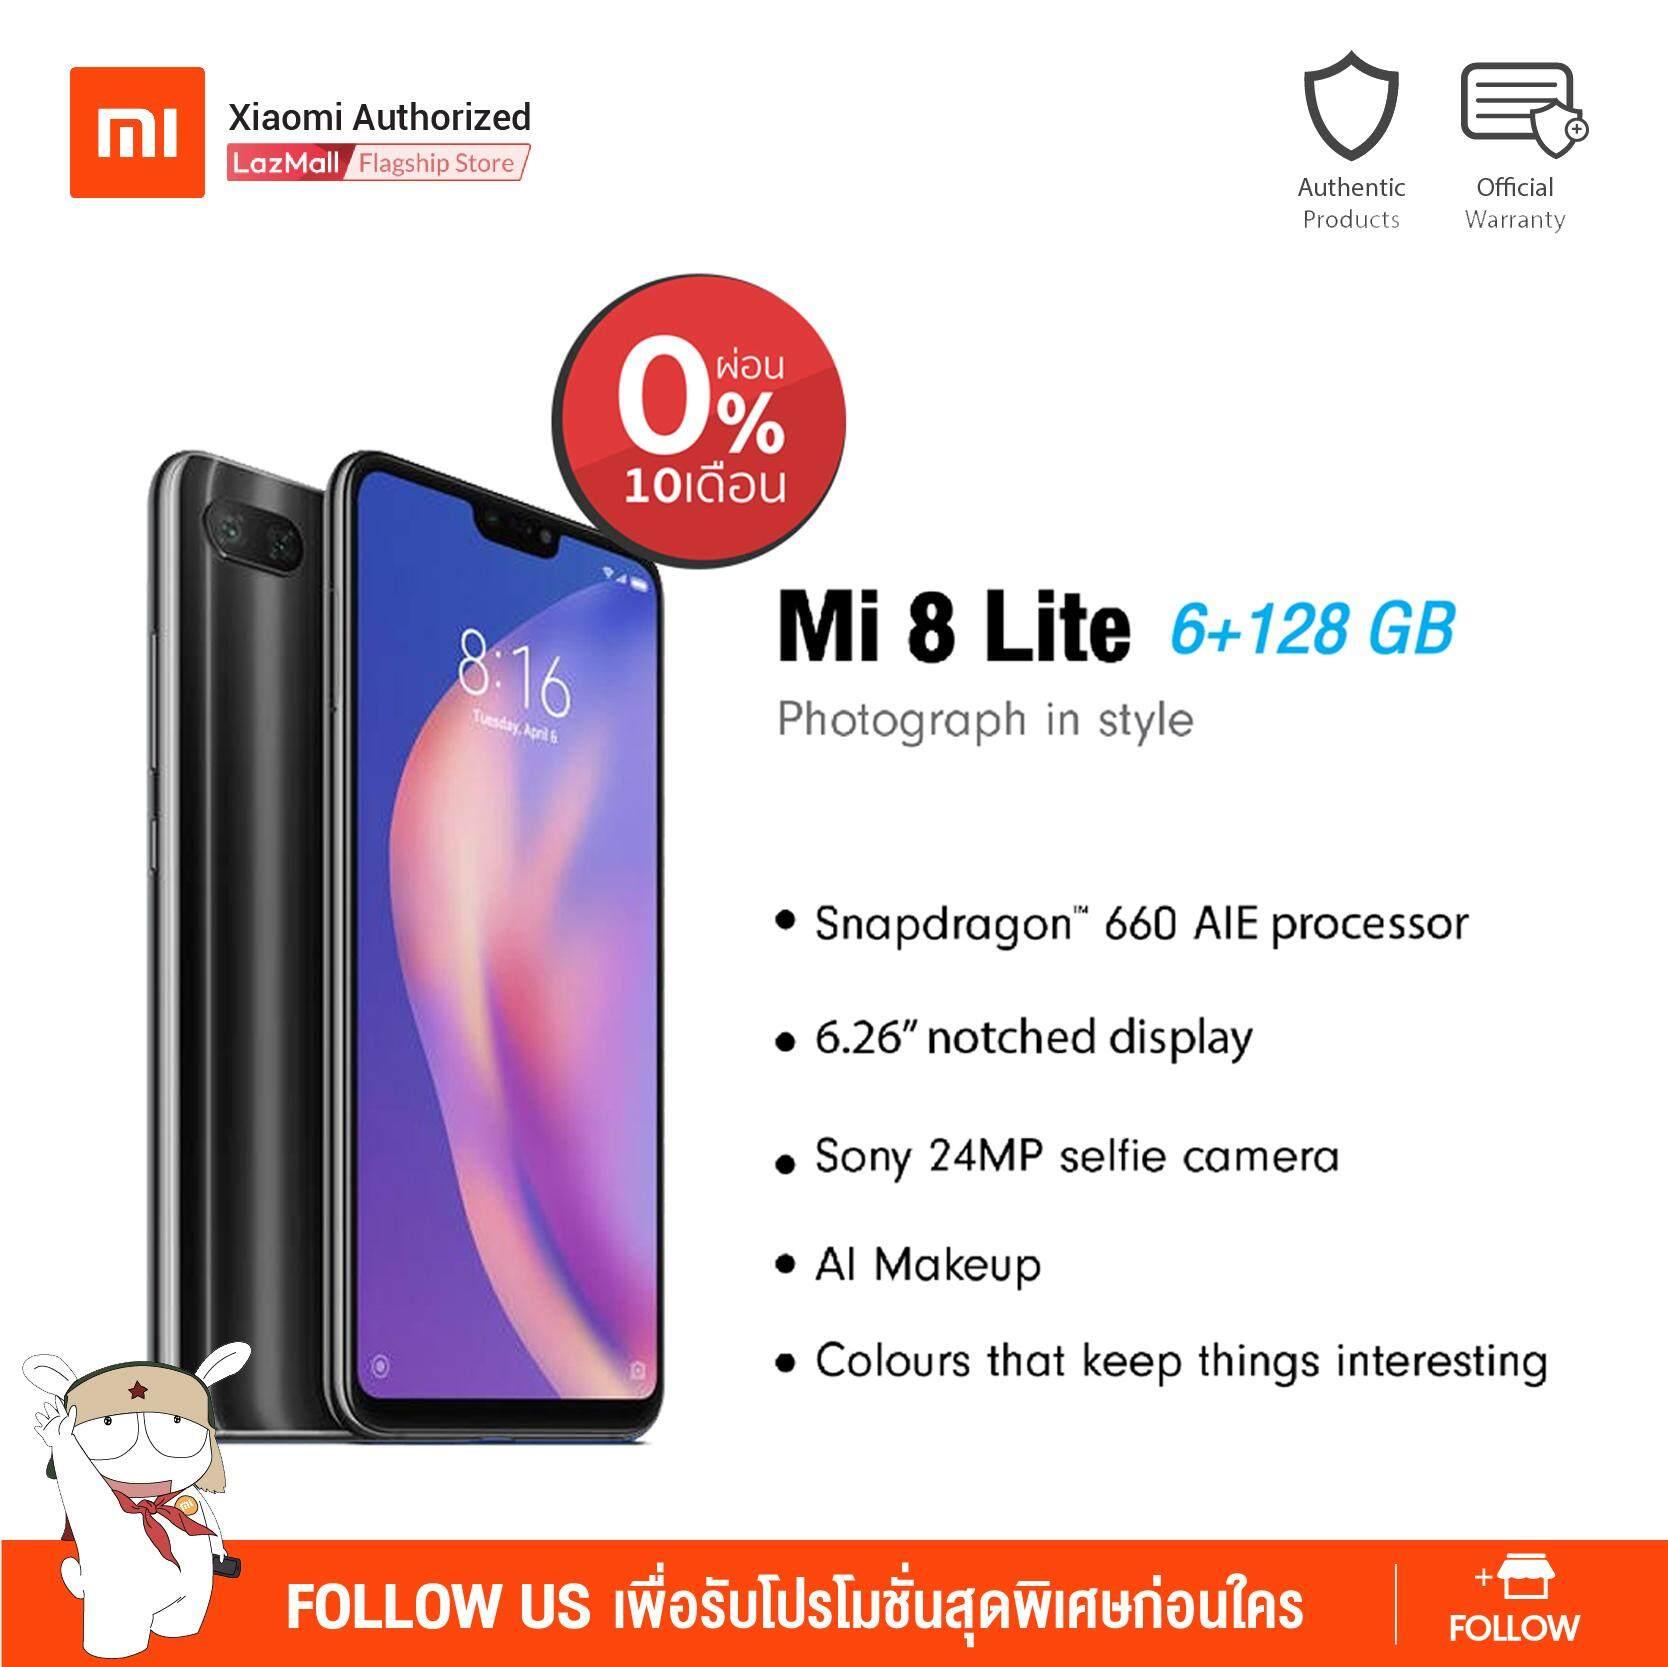 การใช้งาน  สกลนคร Xiaomi Mi 8 Lite 6+128GB